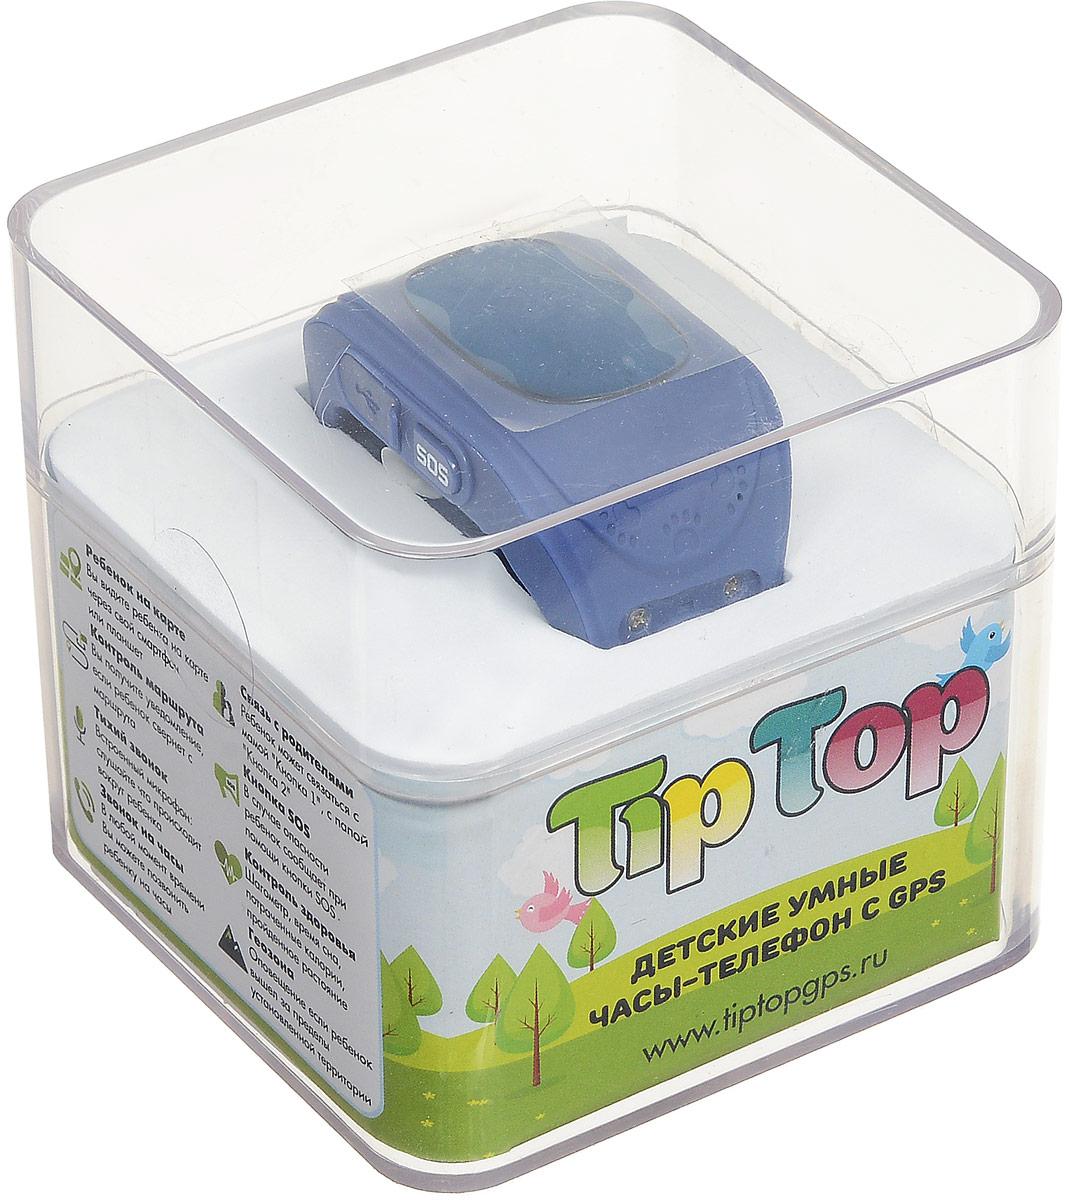 TipTop 50ЧБ, Blue детские часы-телефон TipTop